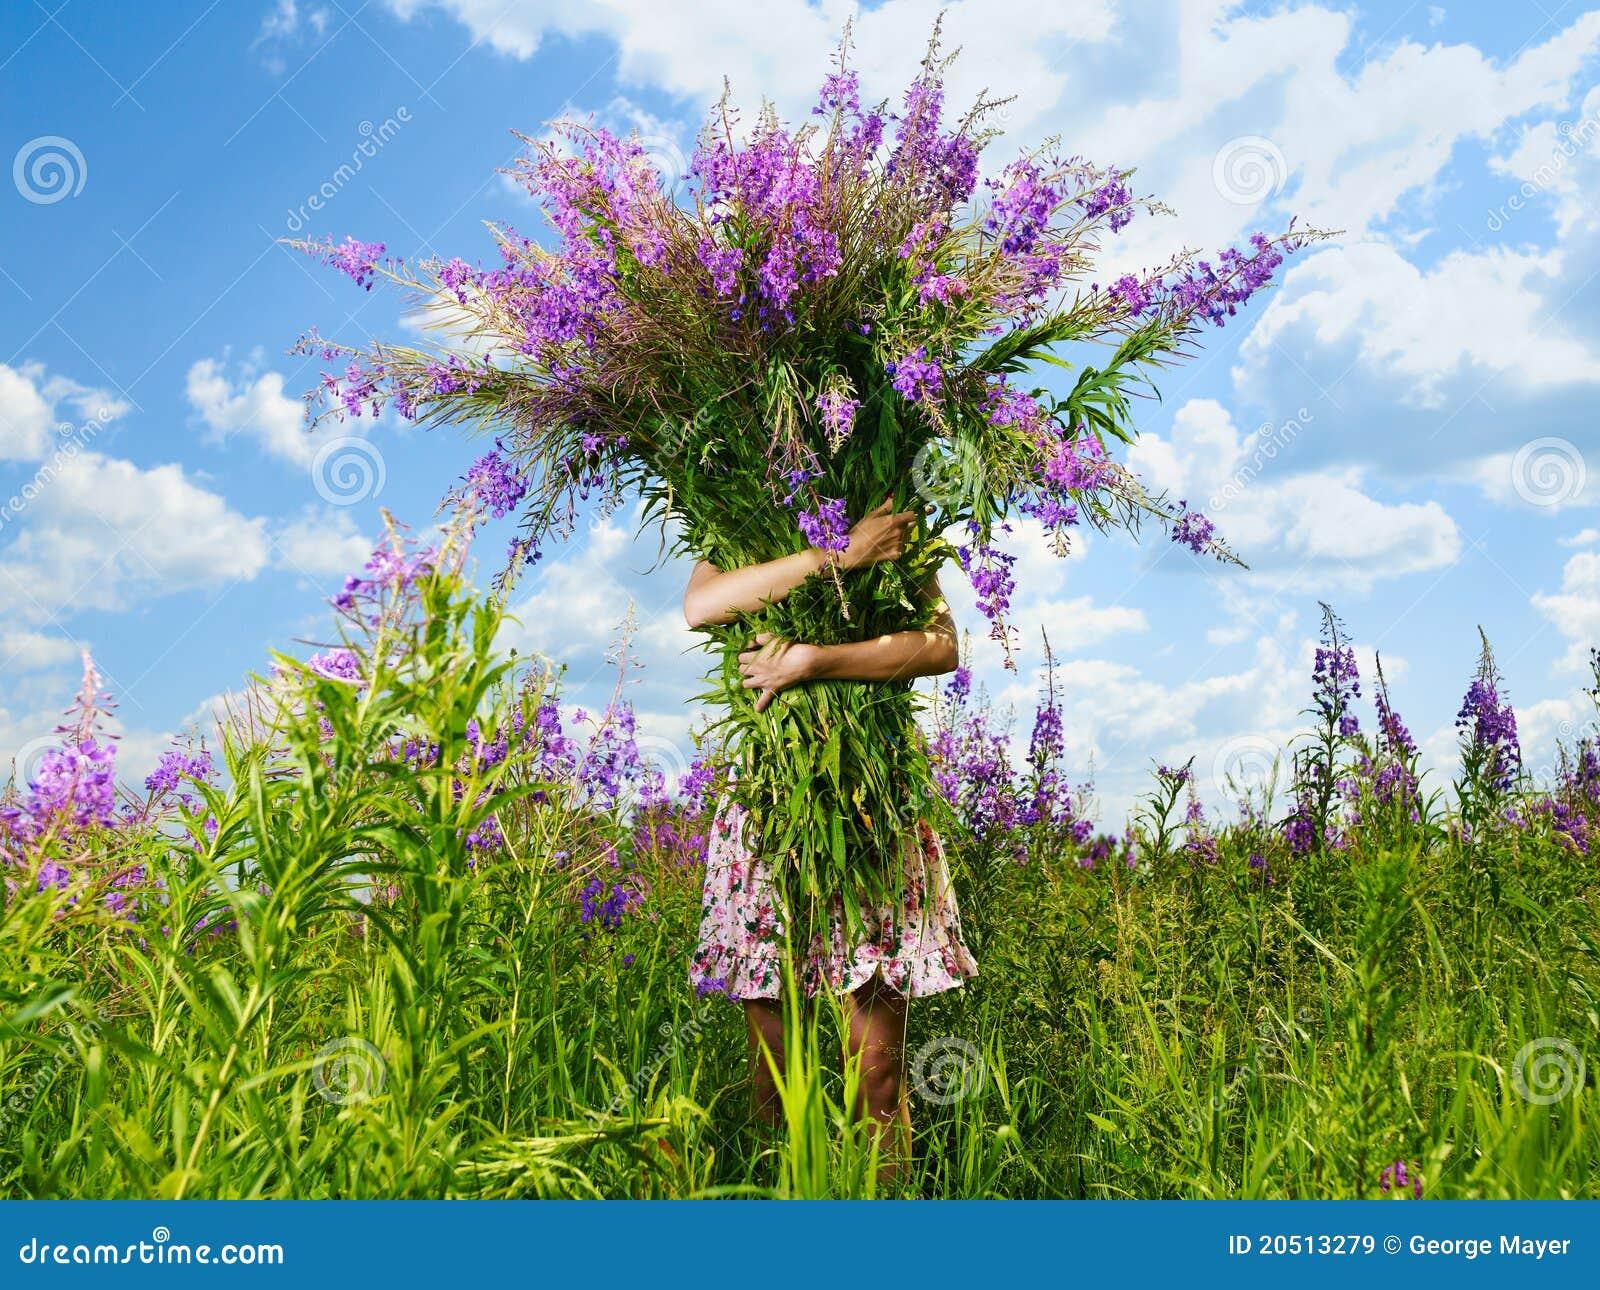 Favori Fille Avec Un Bouquet Géant Des Fleurs Image stock - Image: 20513279 UJ05